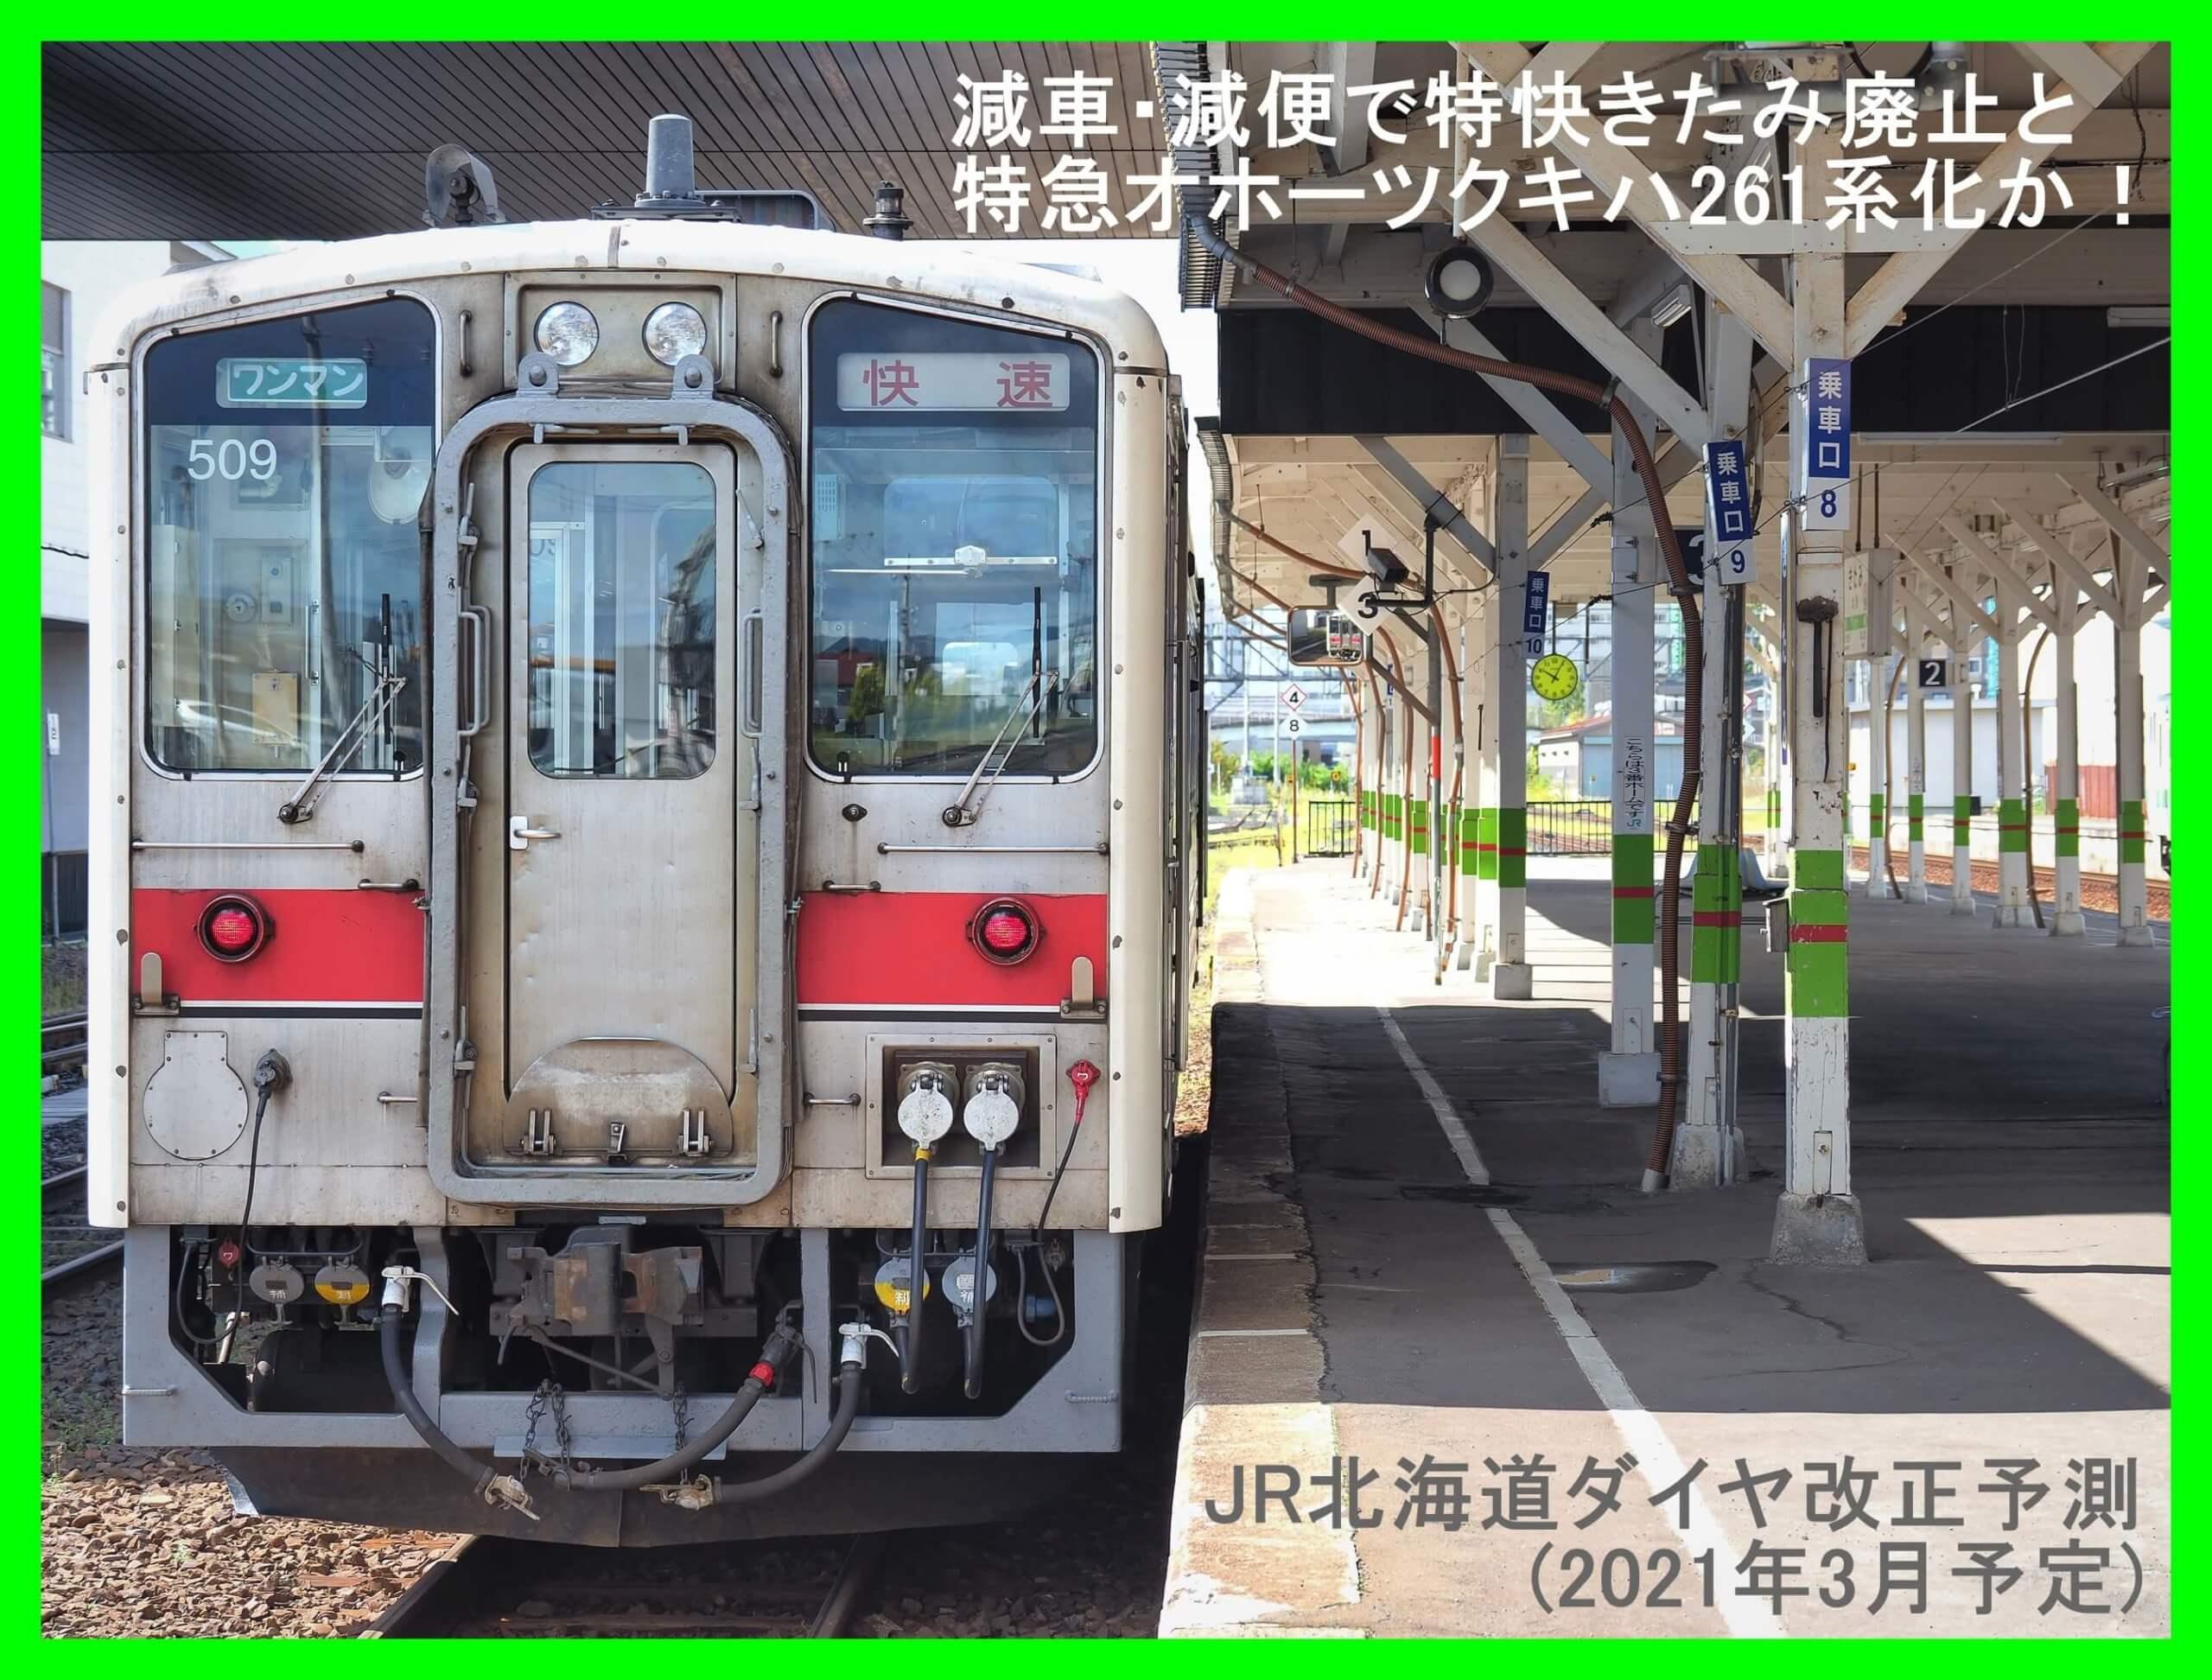 減車・減便で特快きたみ廃止とオホーツクキハ261系化か! JR北海道ダイヤ改正予測(2021年3月予定)